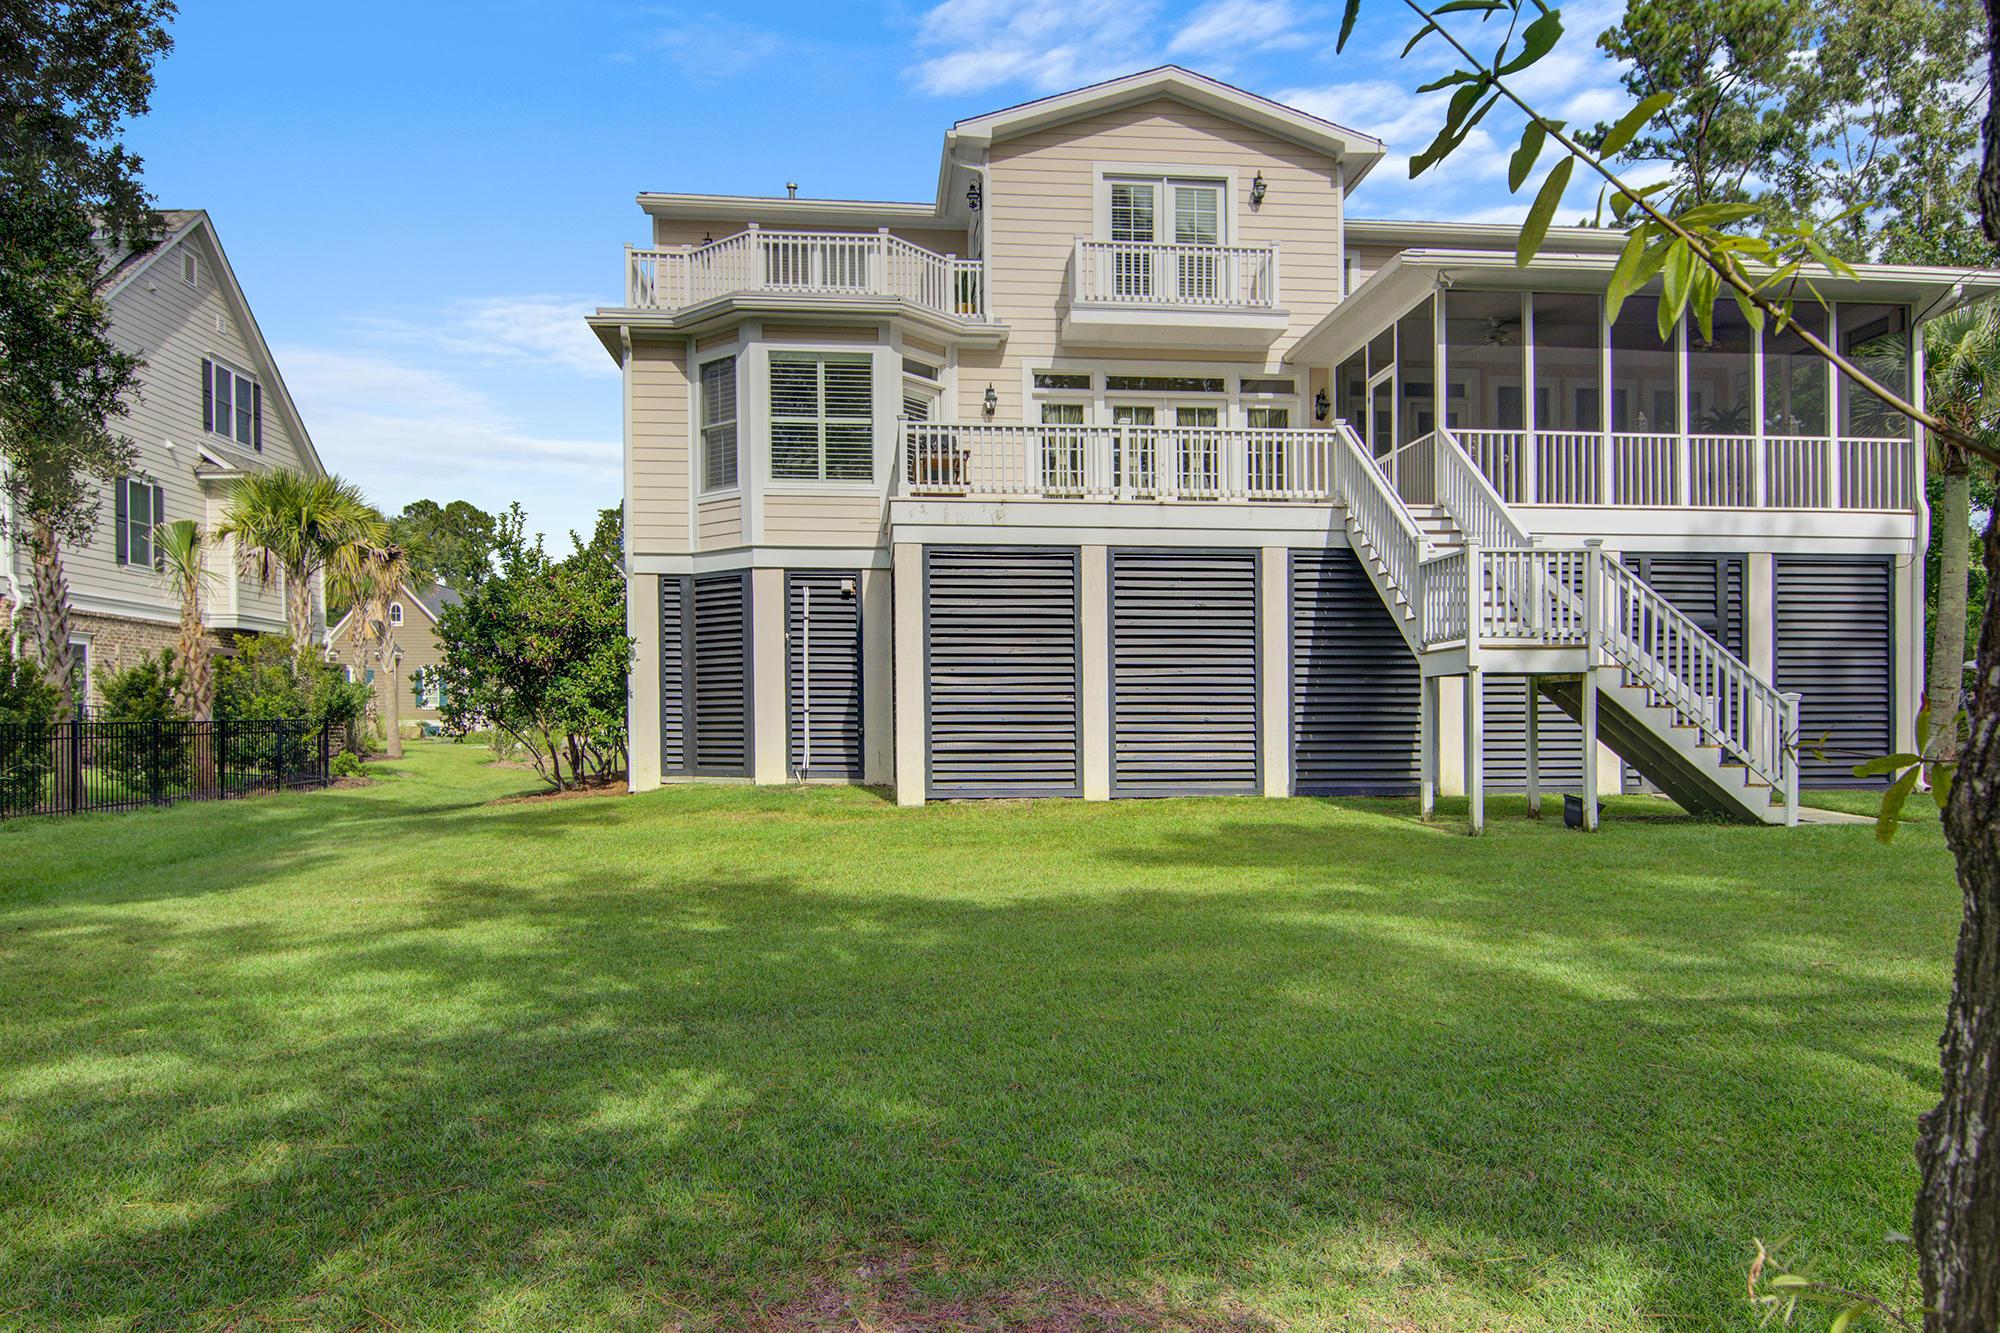 Park West Homes For Sale - 2004 Ashburton, Mount Pleasant, SC - 8